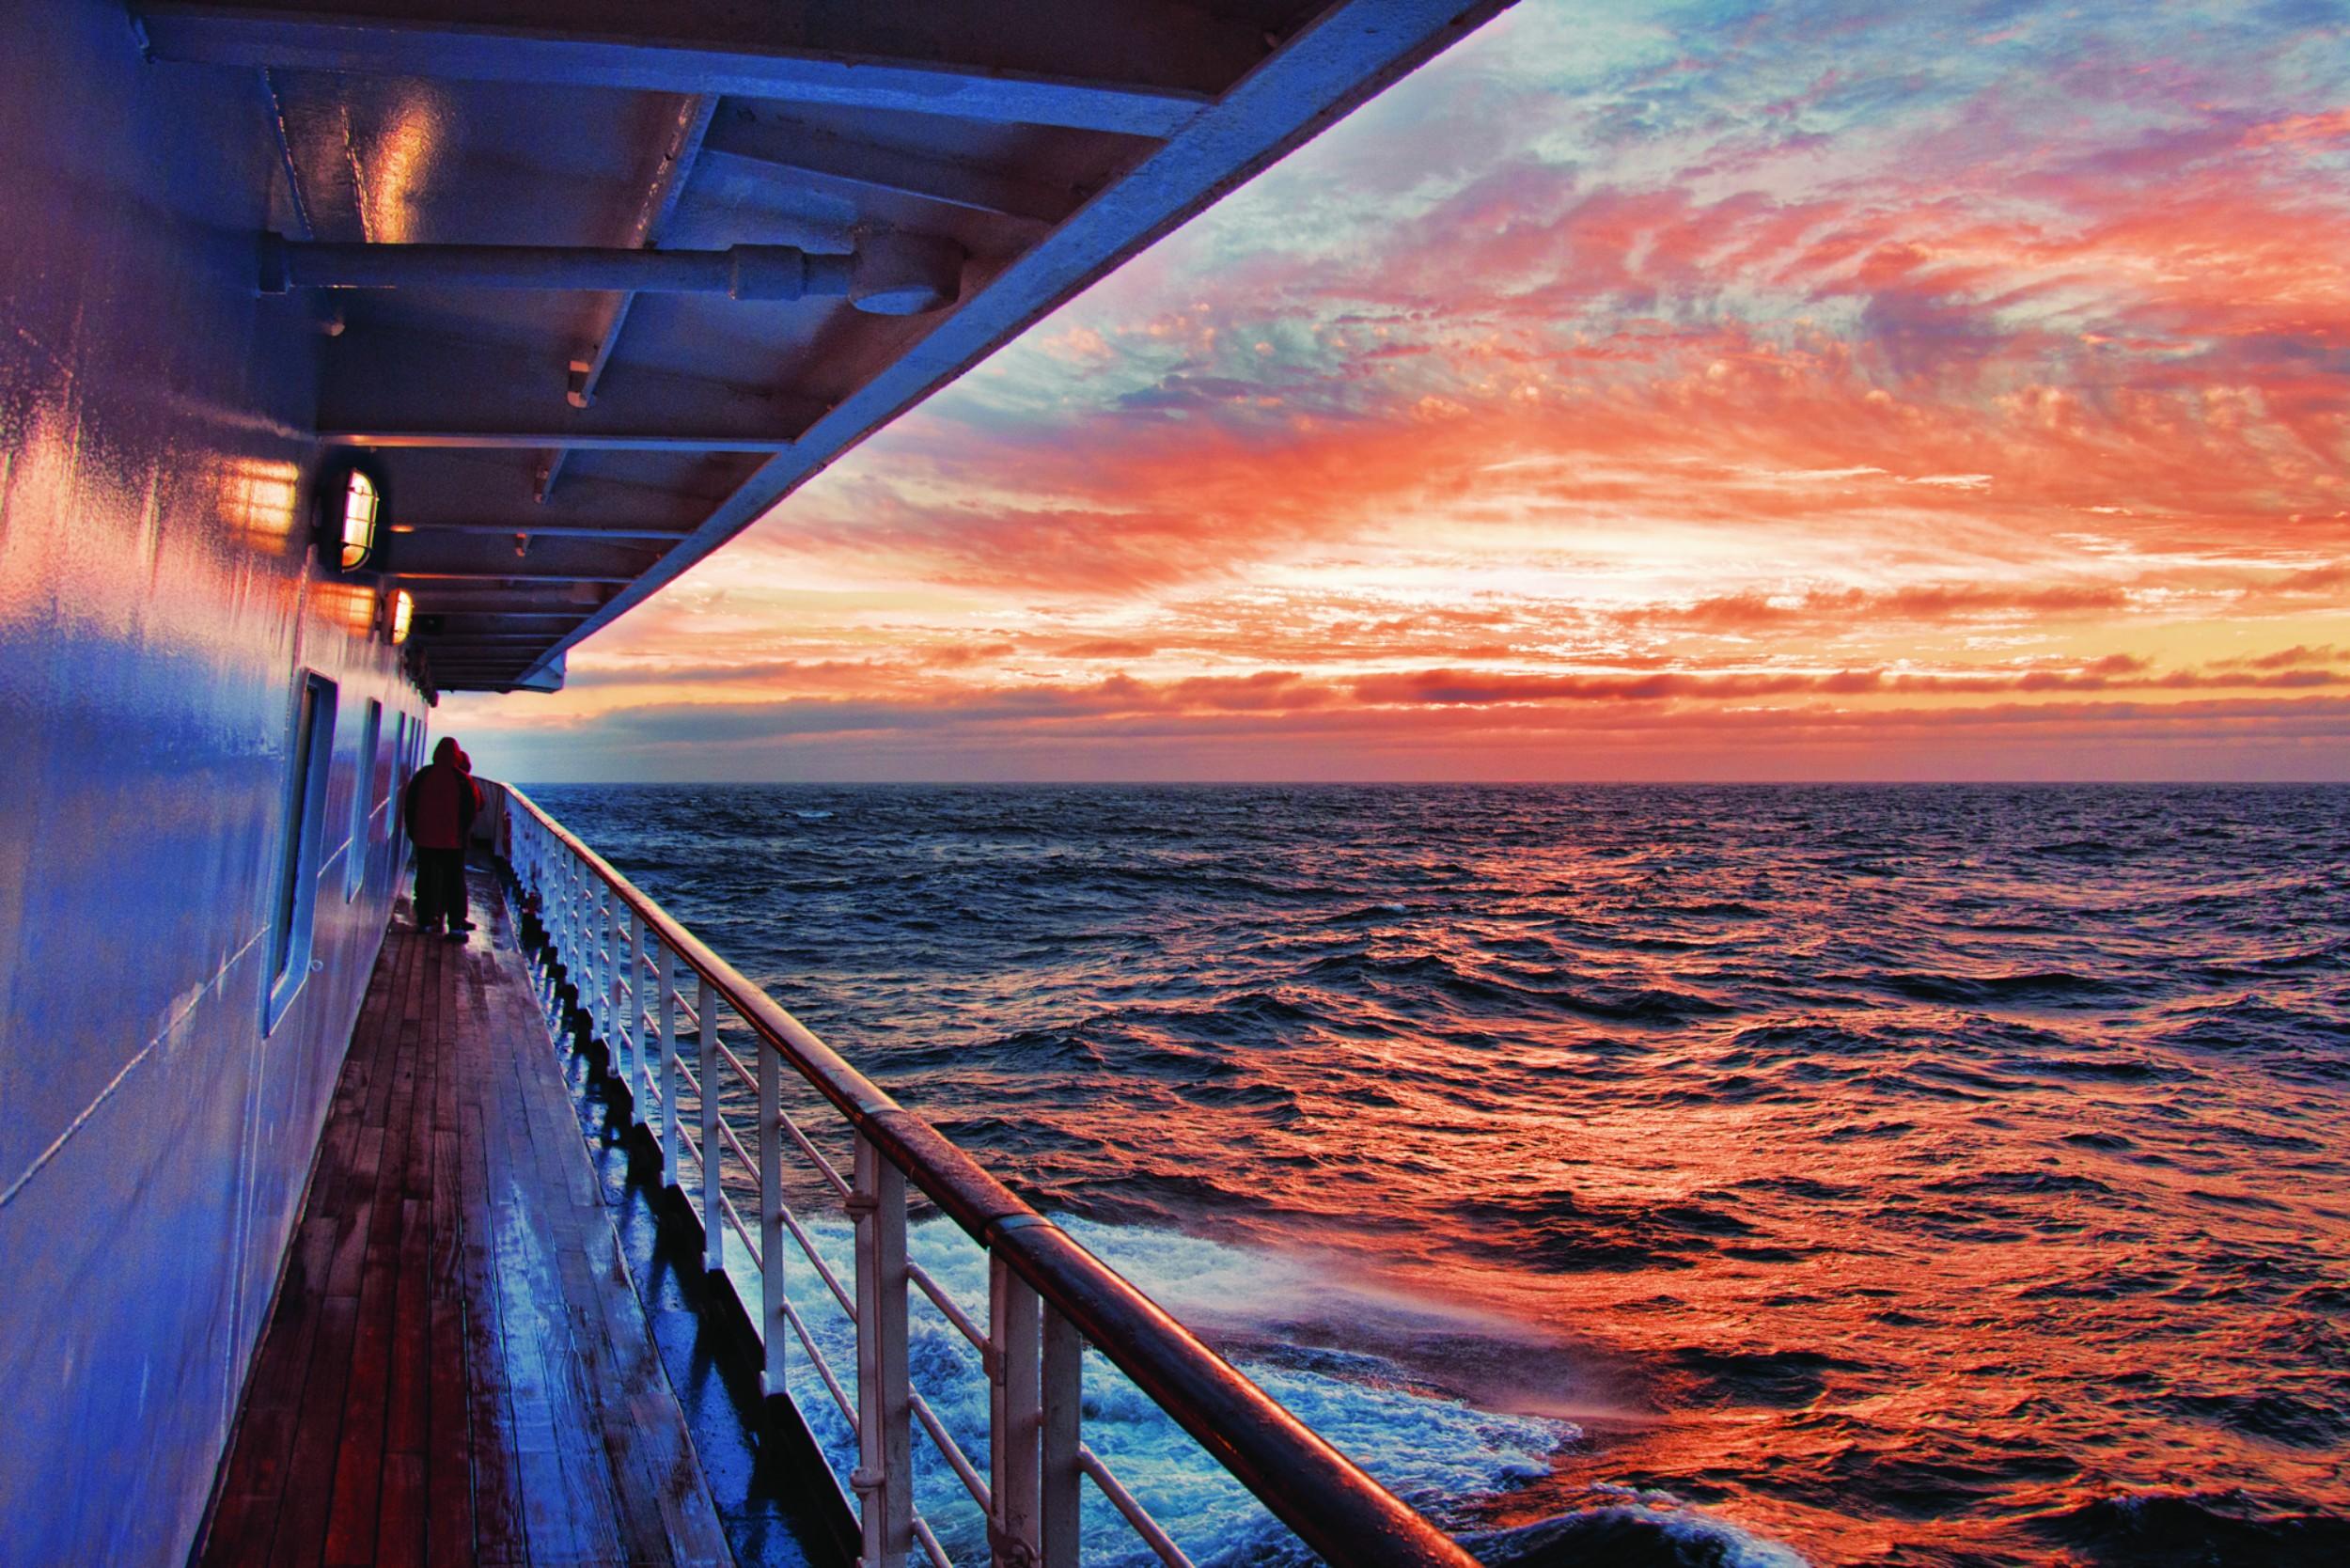 Polar Latitudes_SeaExplorer_Places_Sunset_deck_2_Original_14234.jpg